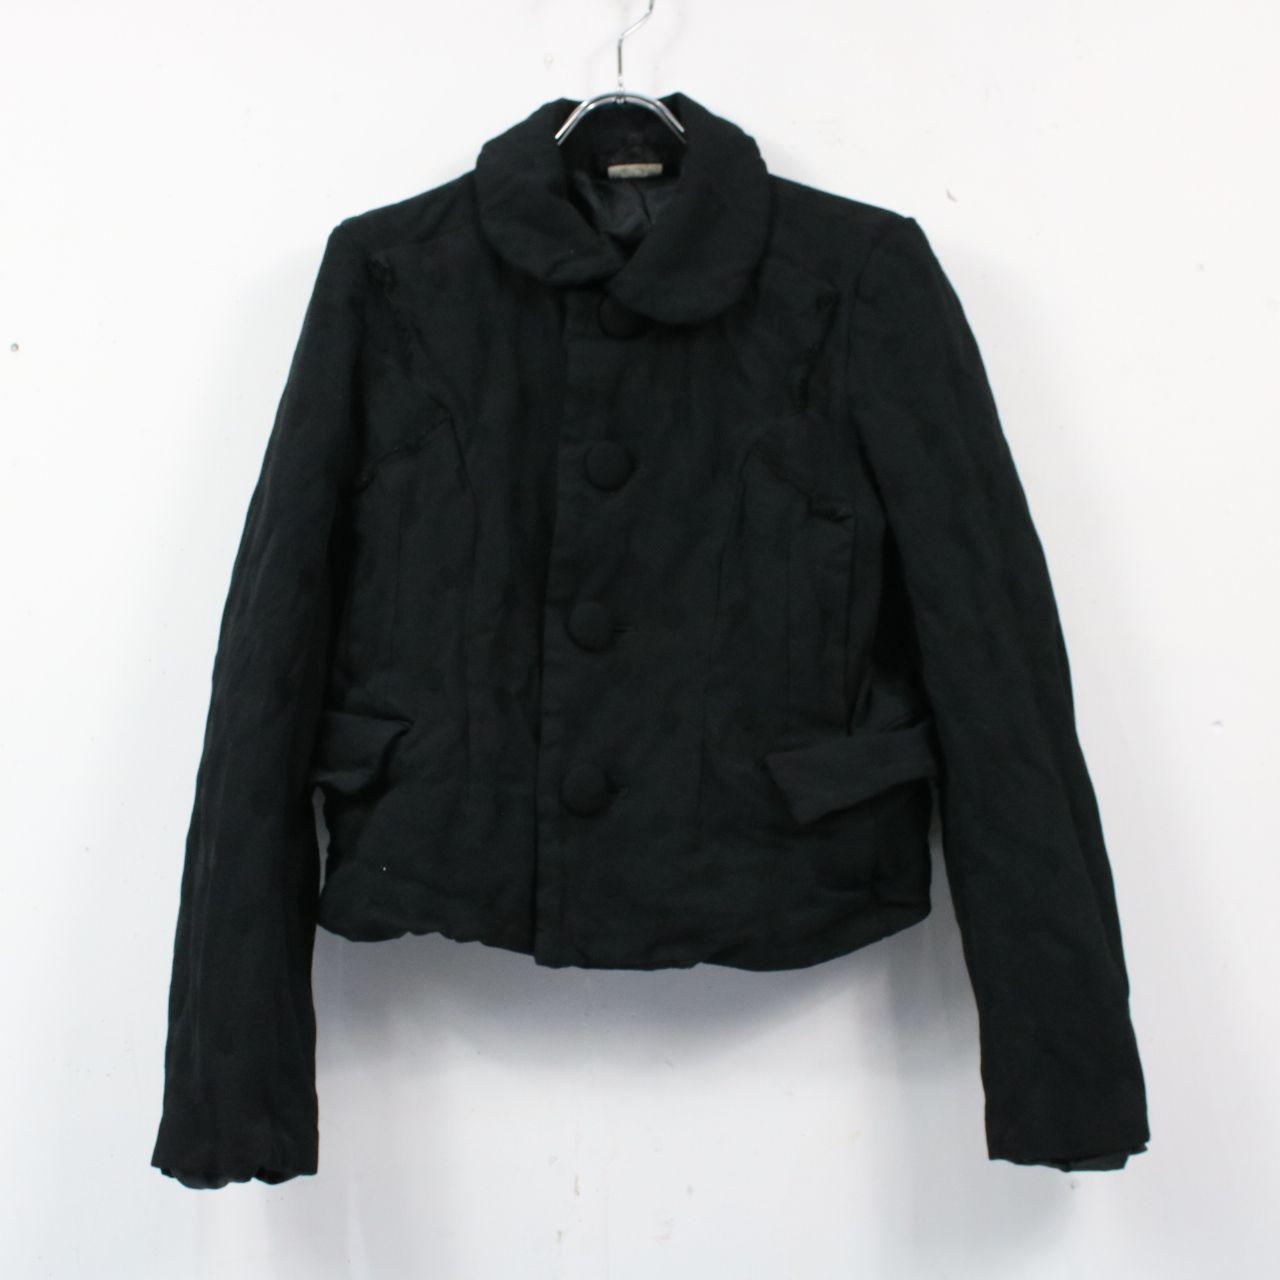 COMME des GARCONS / コムデギャルソン   2007SS   ポリ縮絨ラウンドカラードットジャケット   S   ブラック